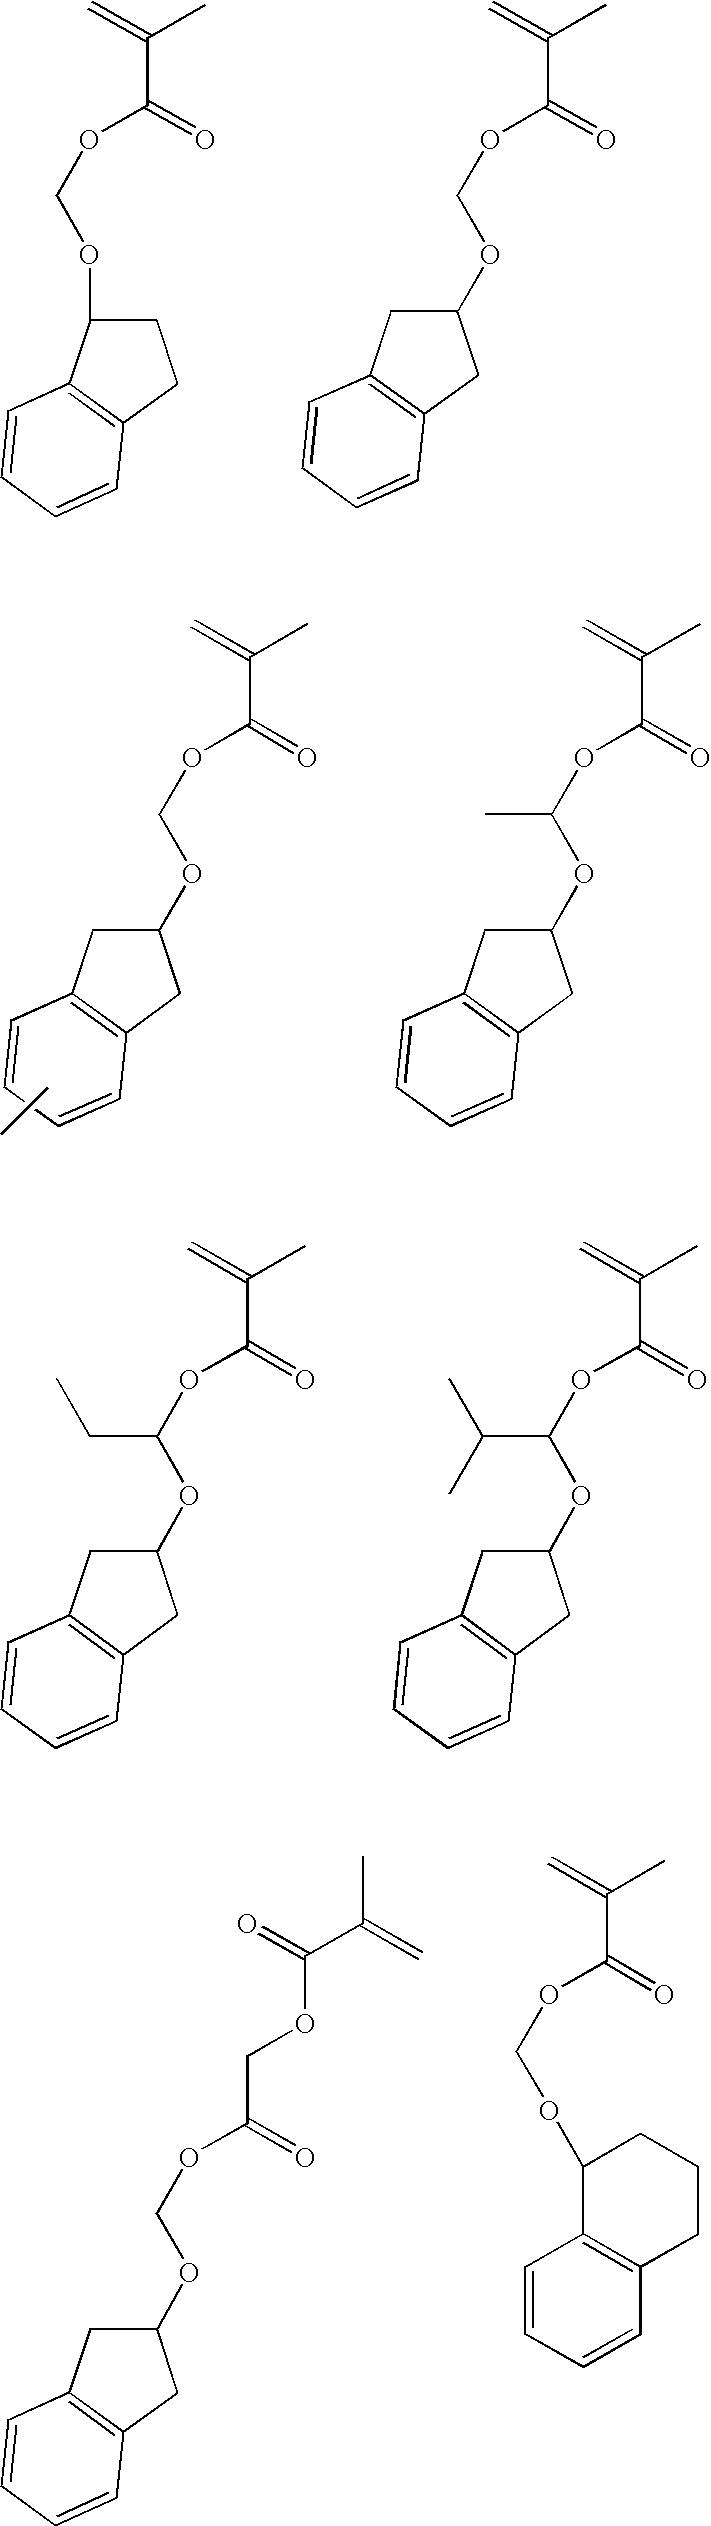 Figure US08129086-20120306-C00010